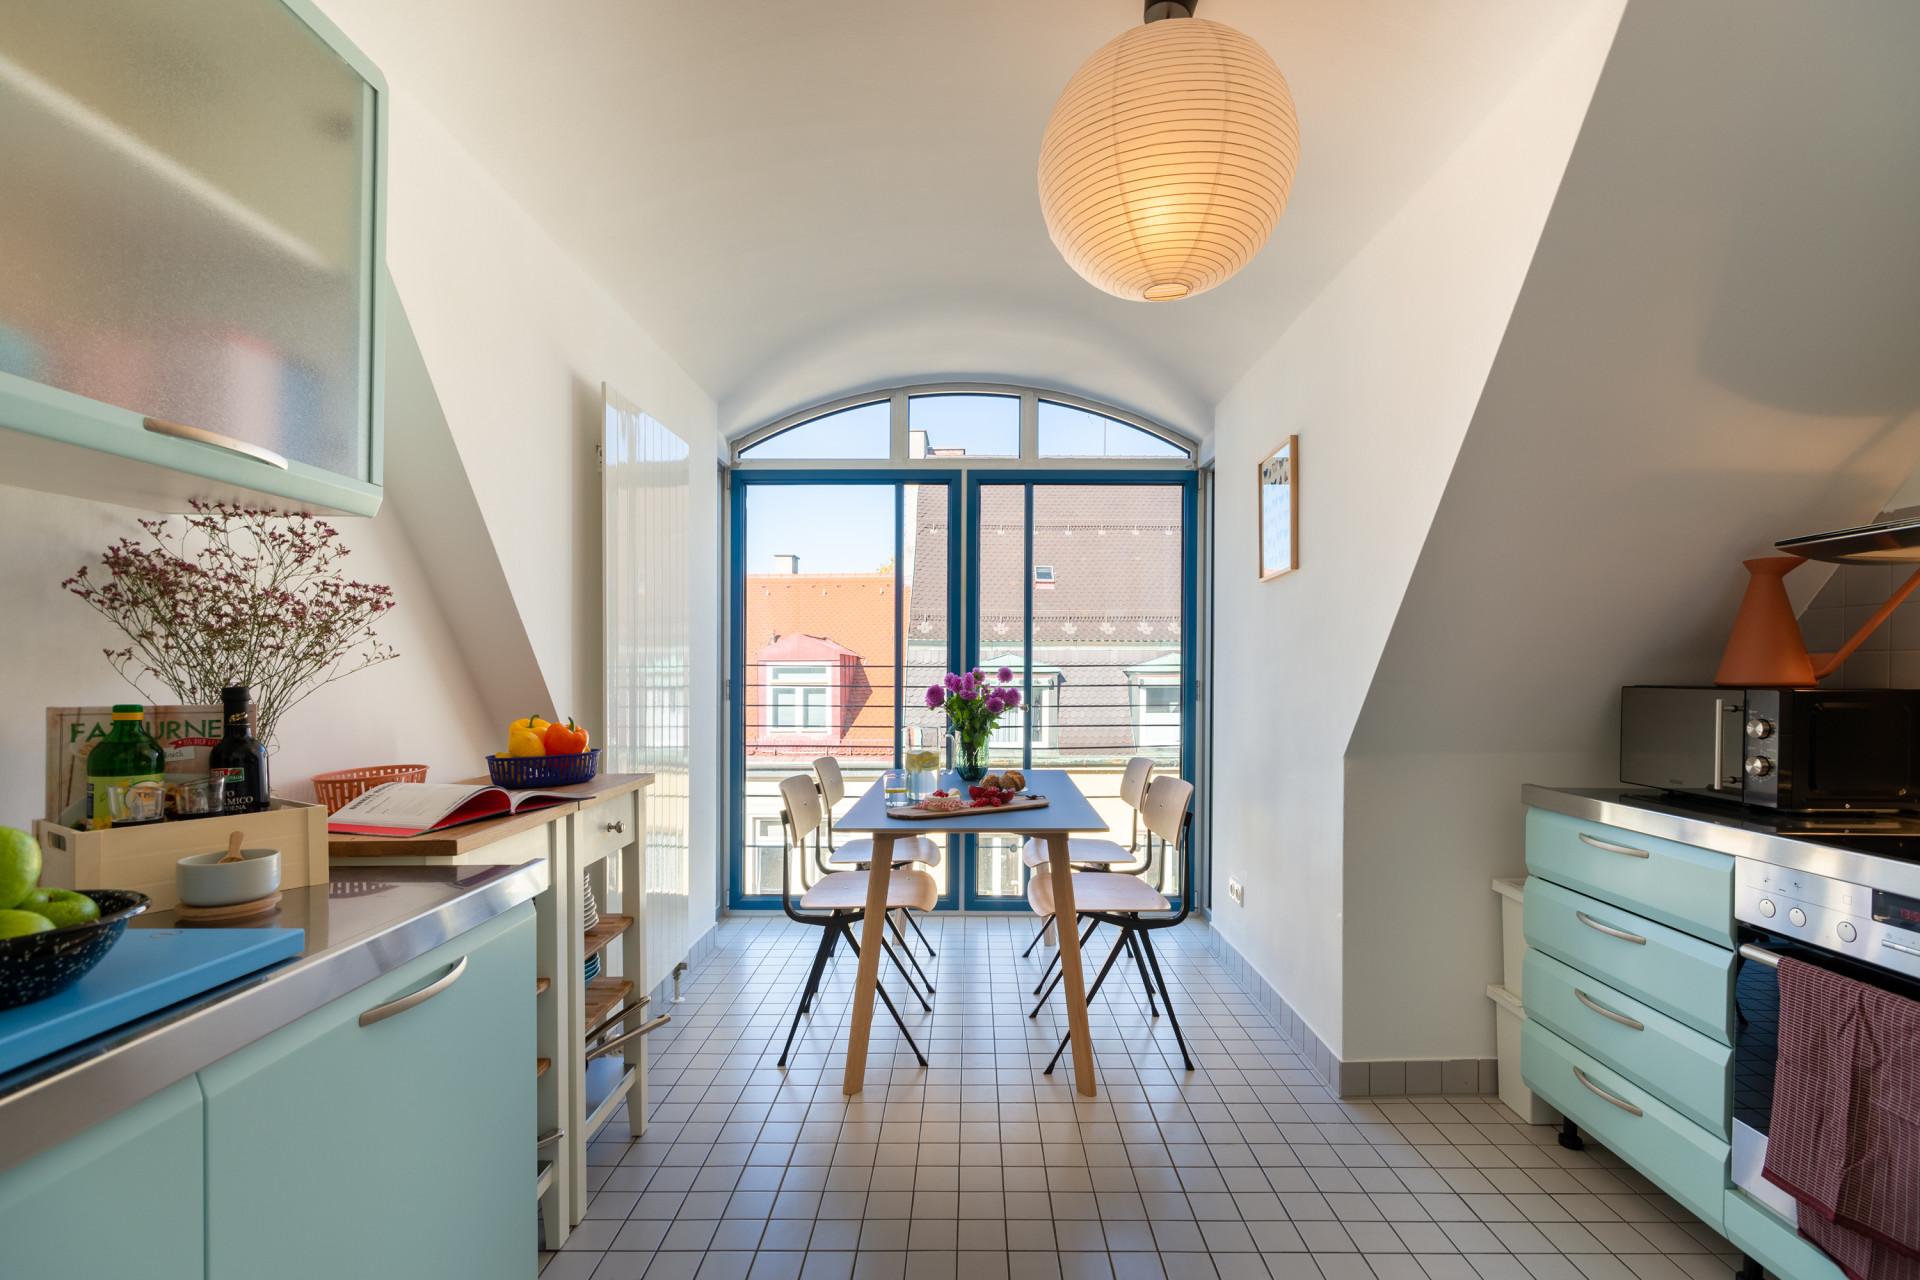 A LifeX apartment in Munich